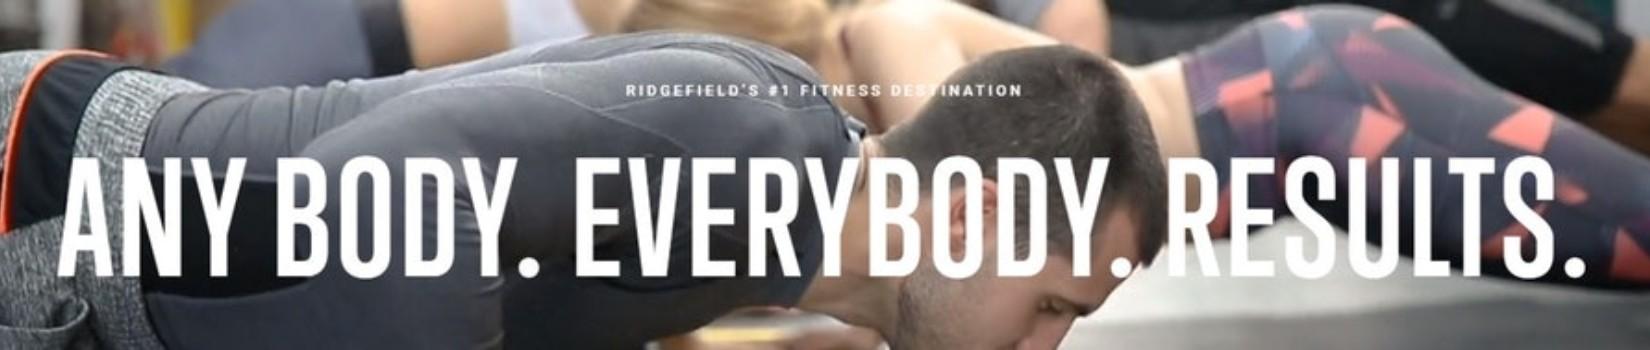 Results Fitness Ridgefield